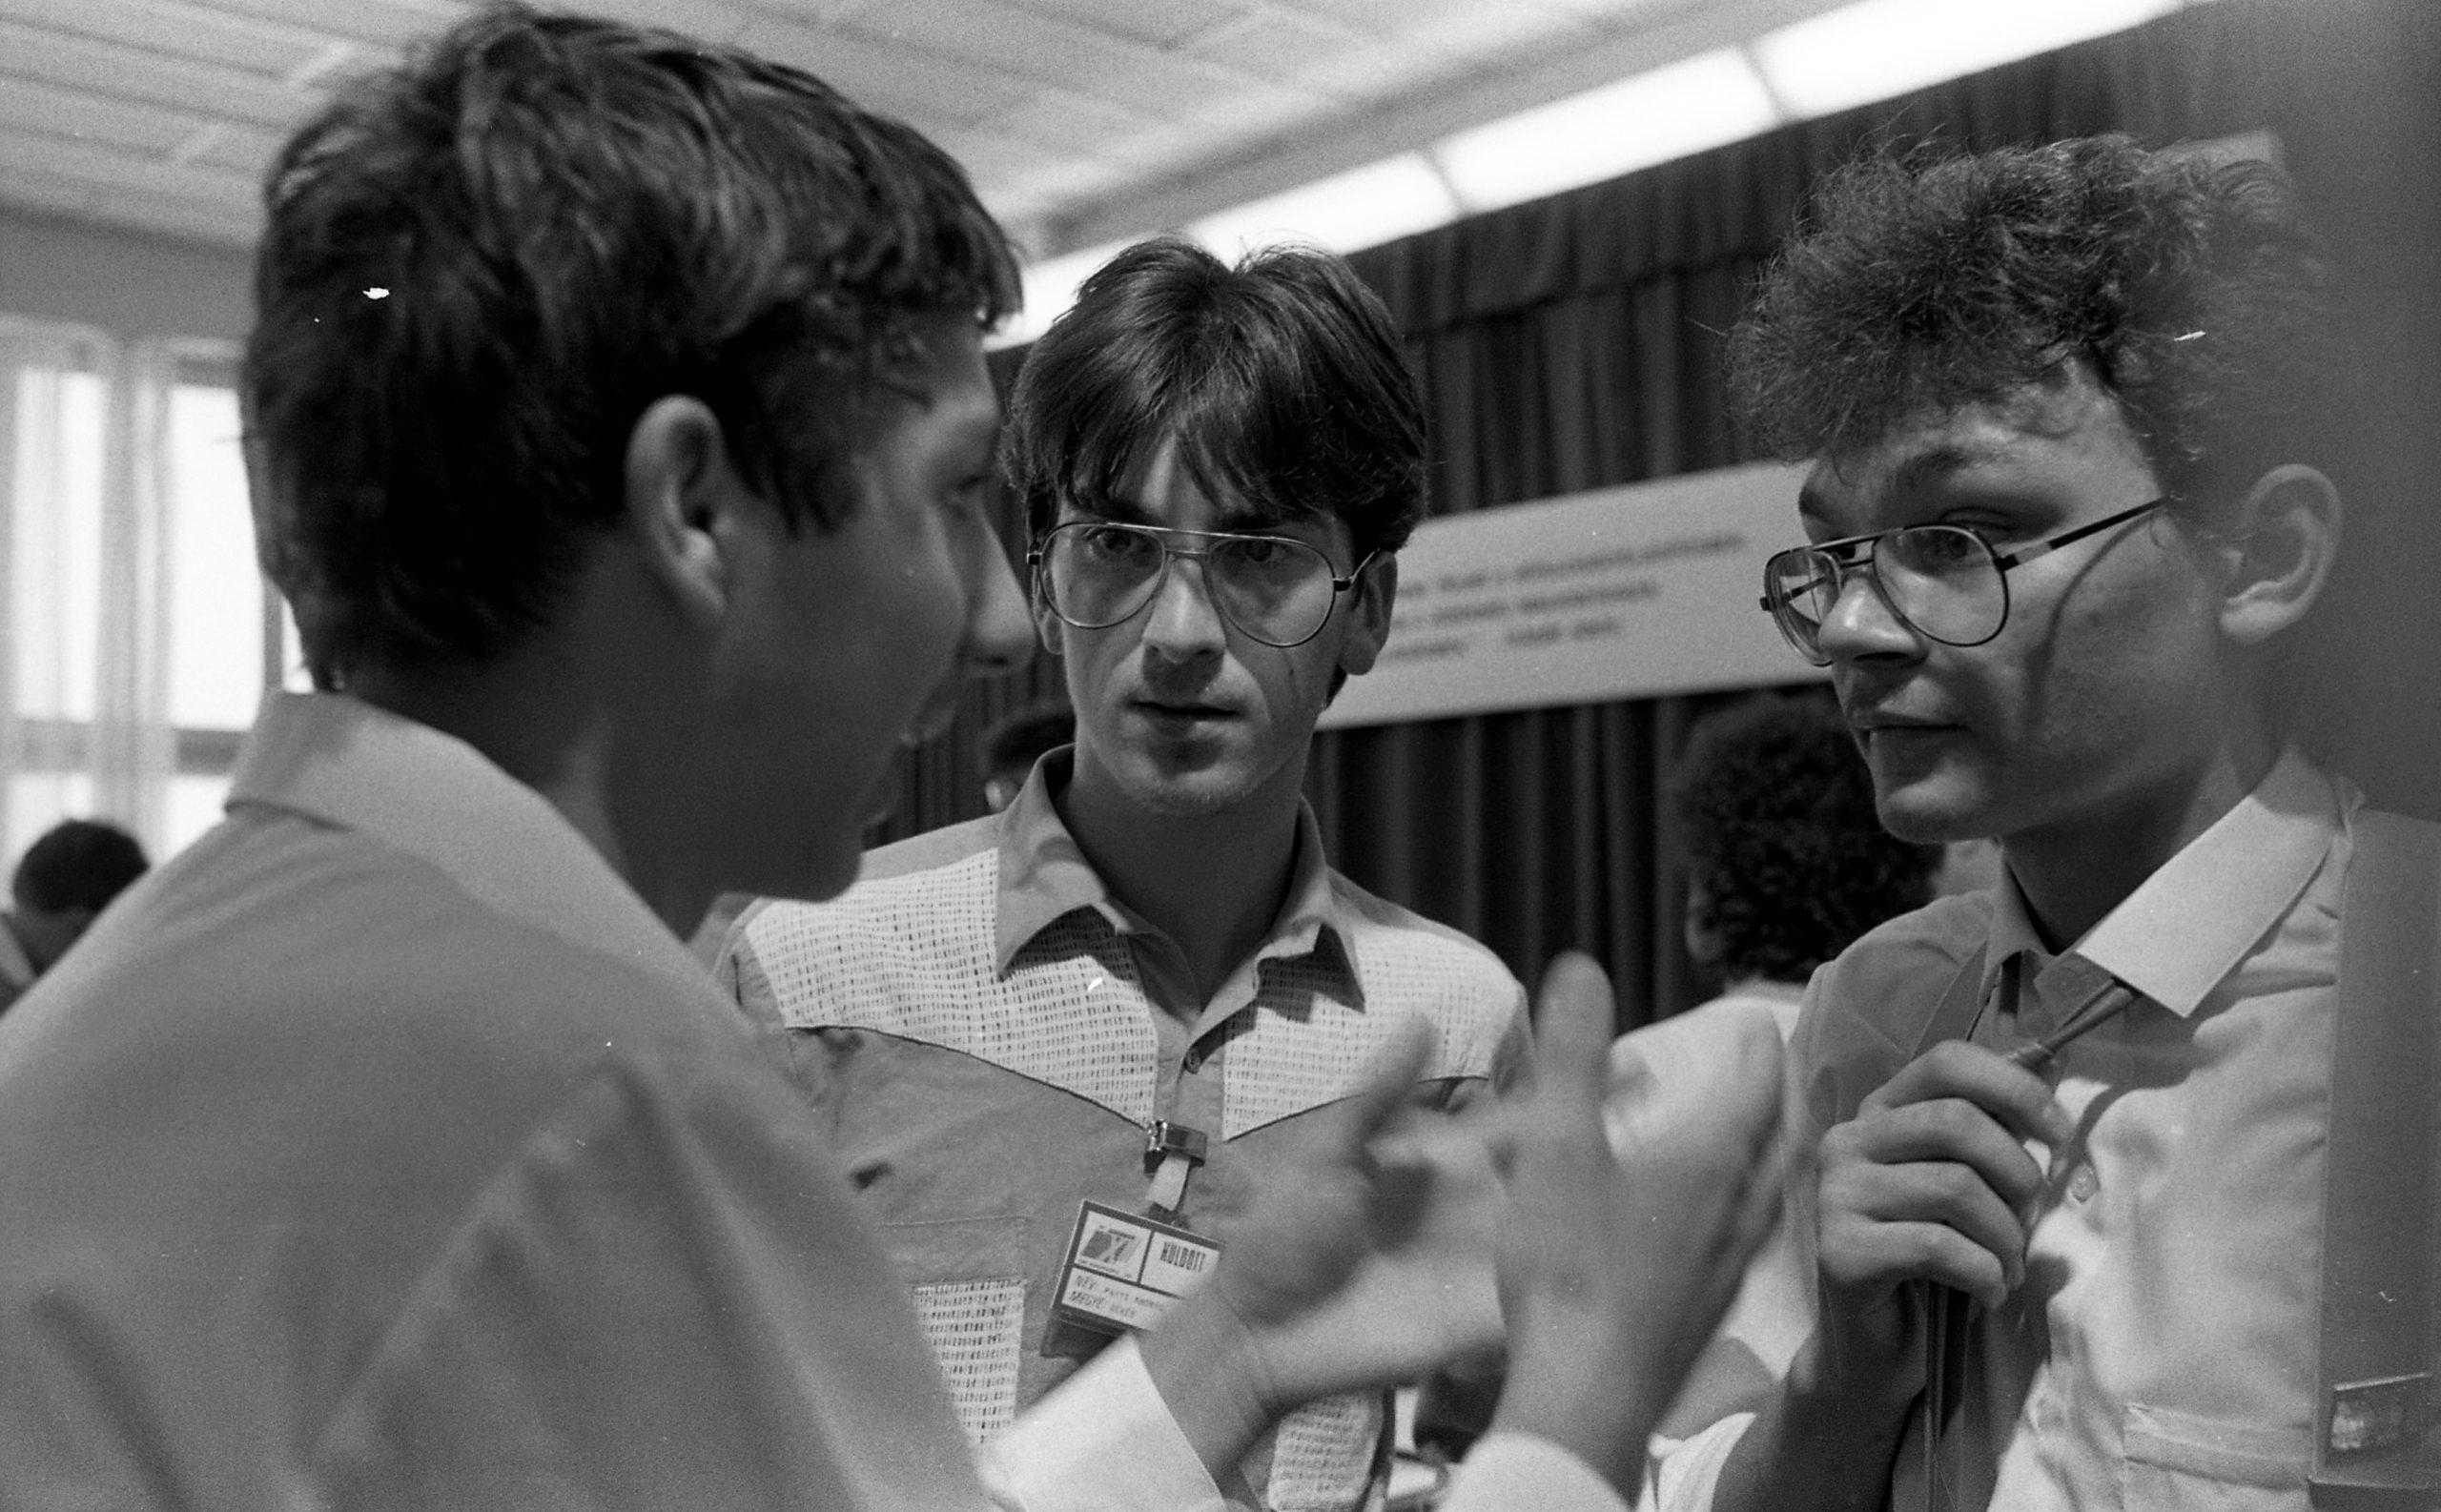 KISZ-kongresszus, már 1986-ban. /Forrás: Fortepan.hu. A fotót készítette és adományozta: Urbán Tamás